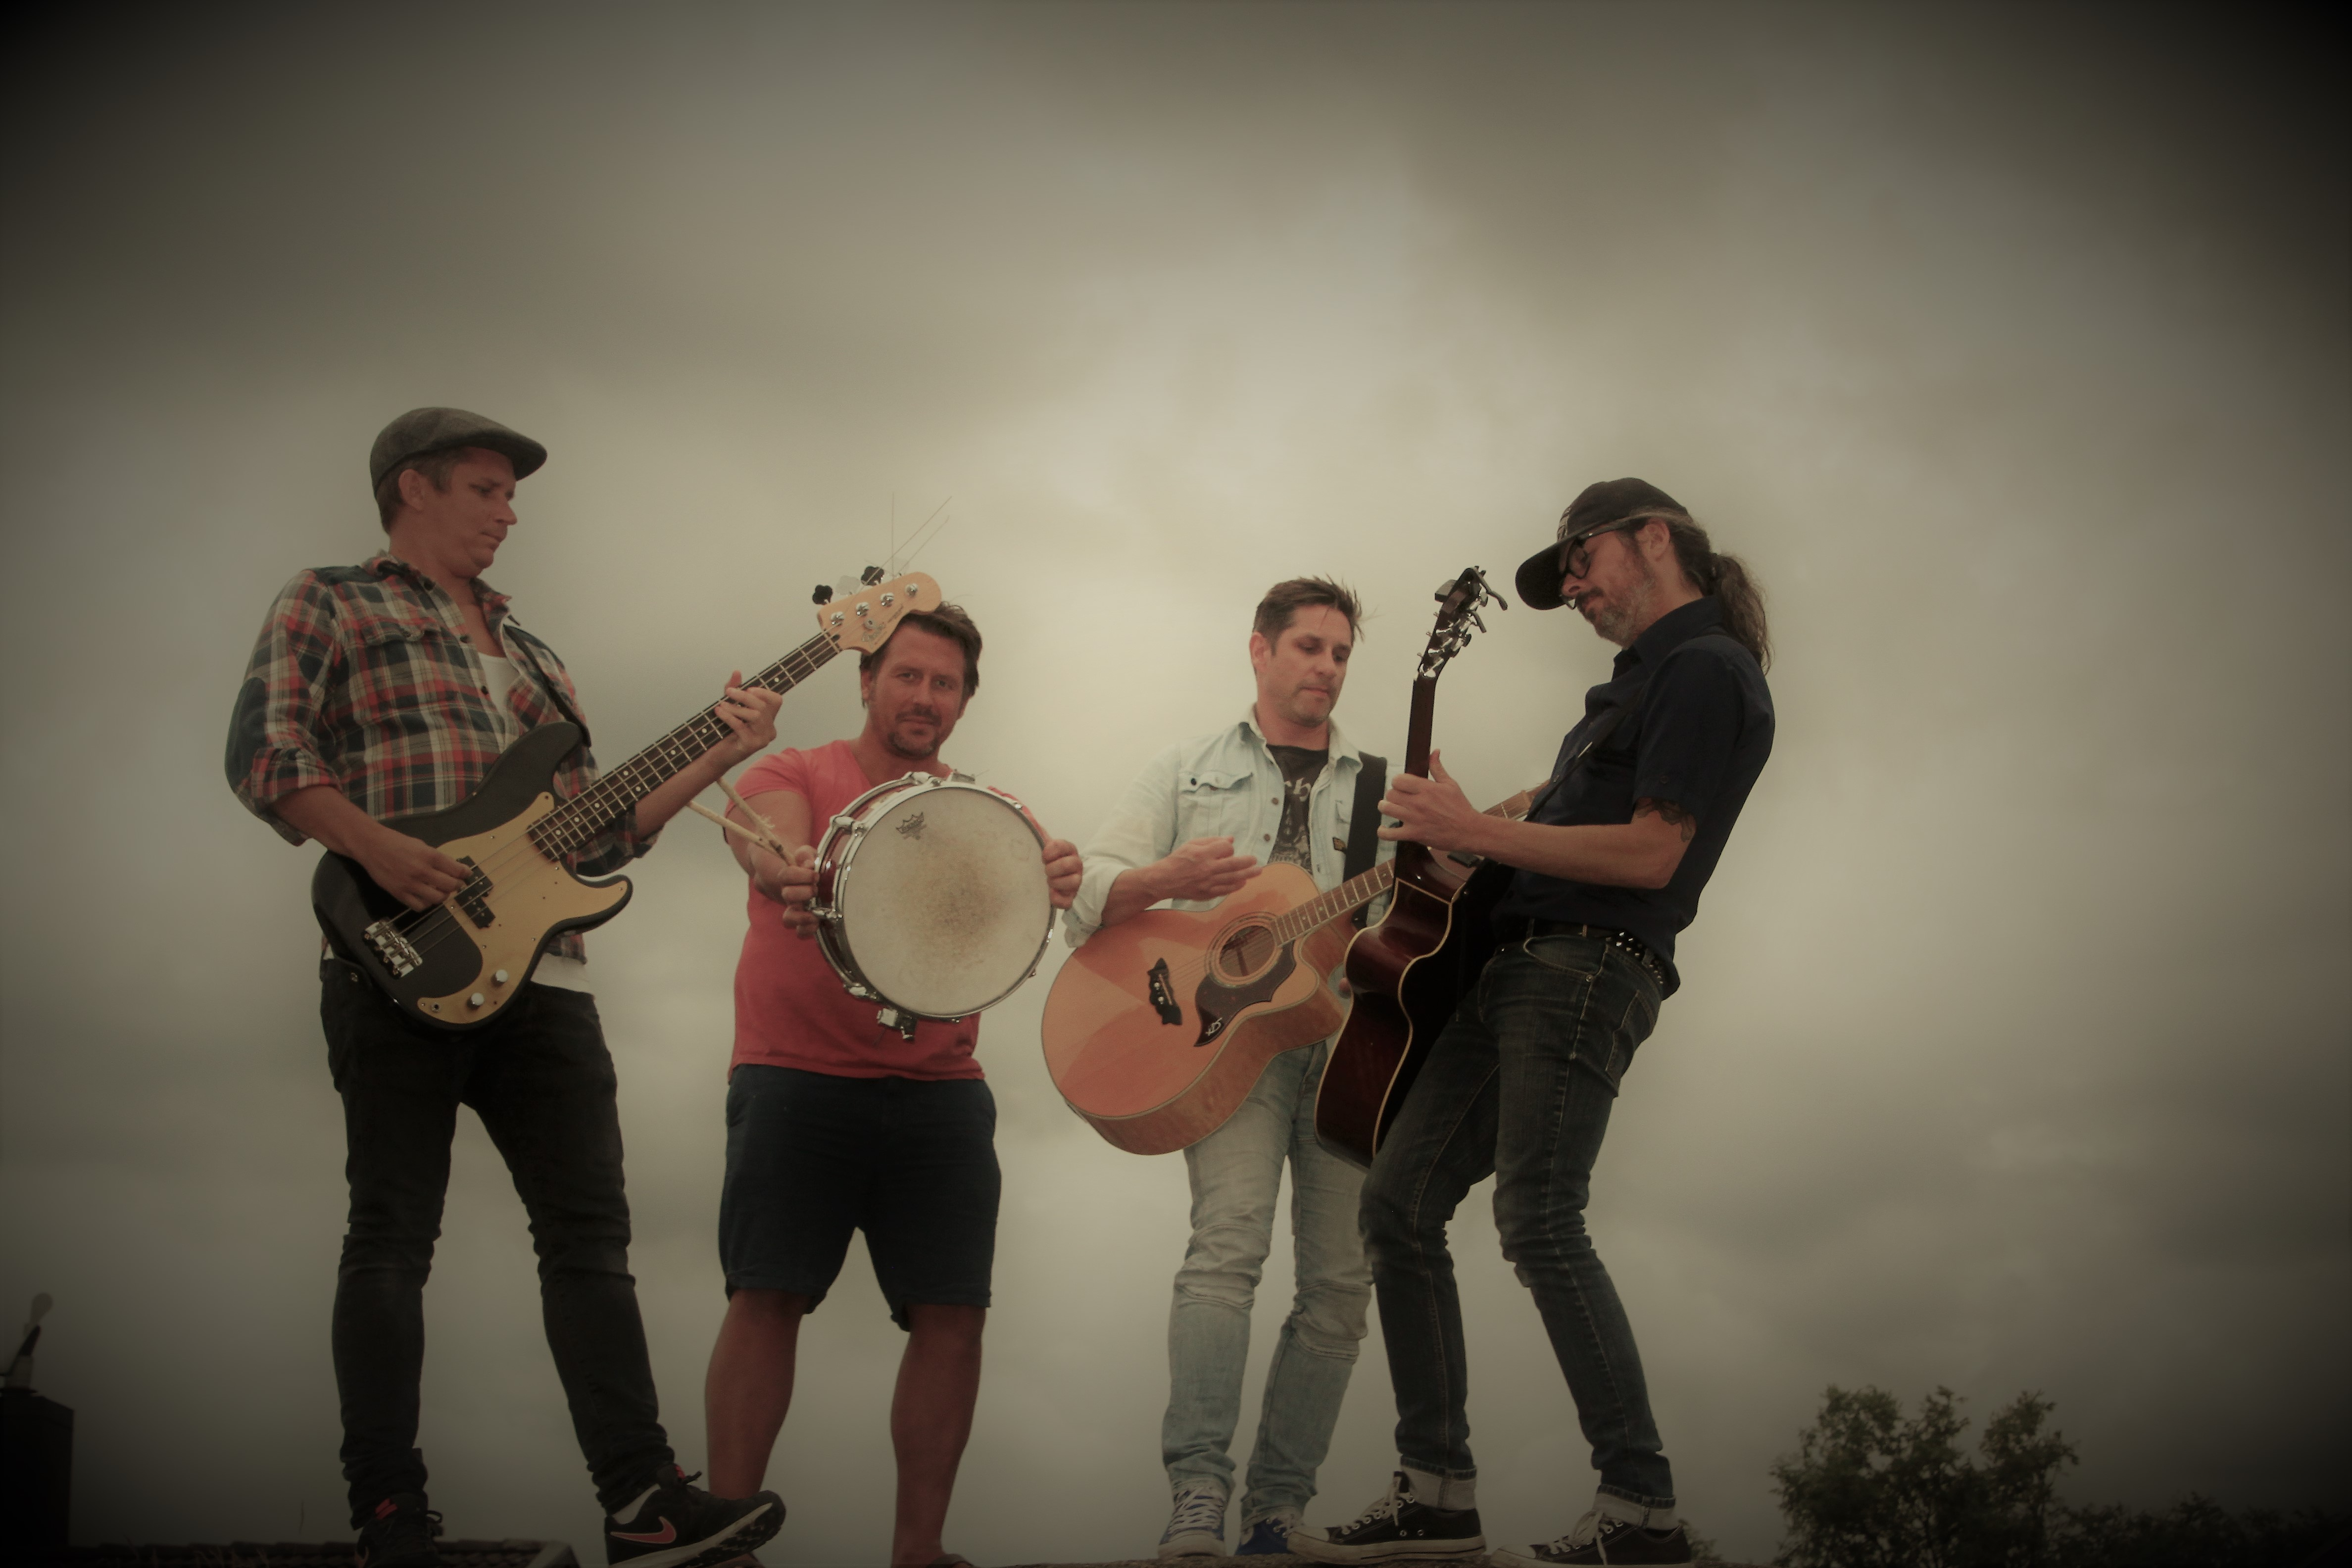 Sherikan Music Attraction Releases Their Second Album No More Tra La La